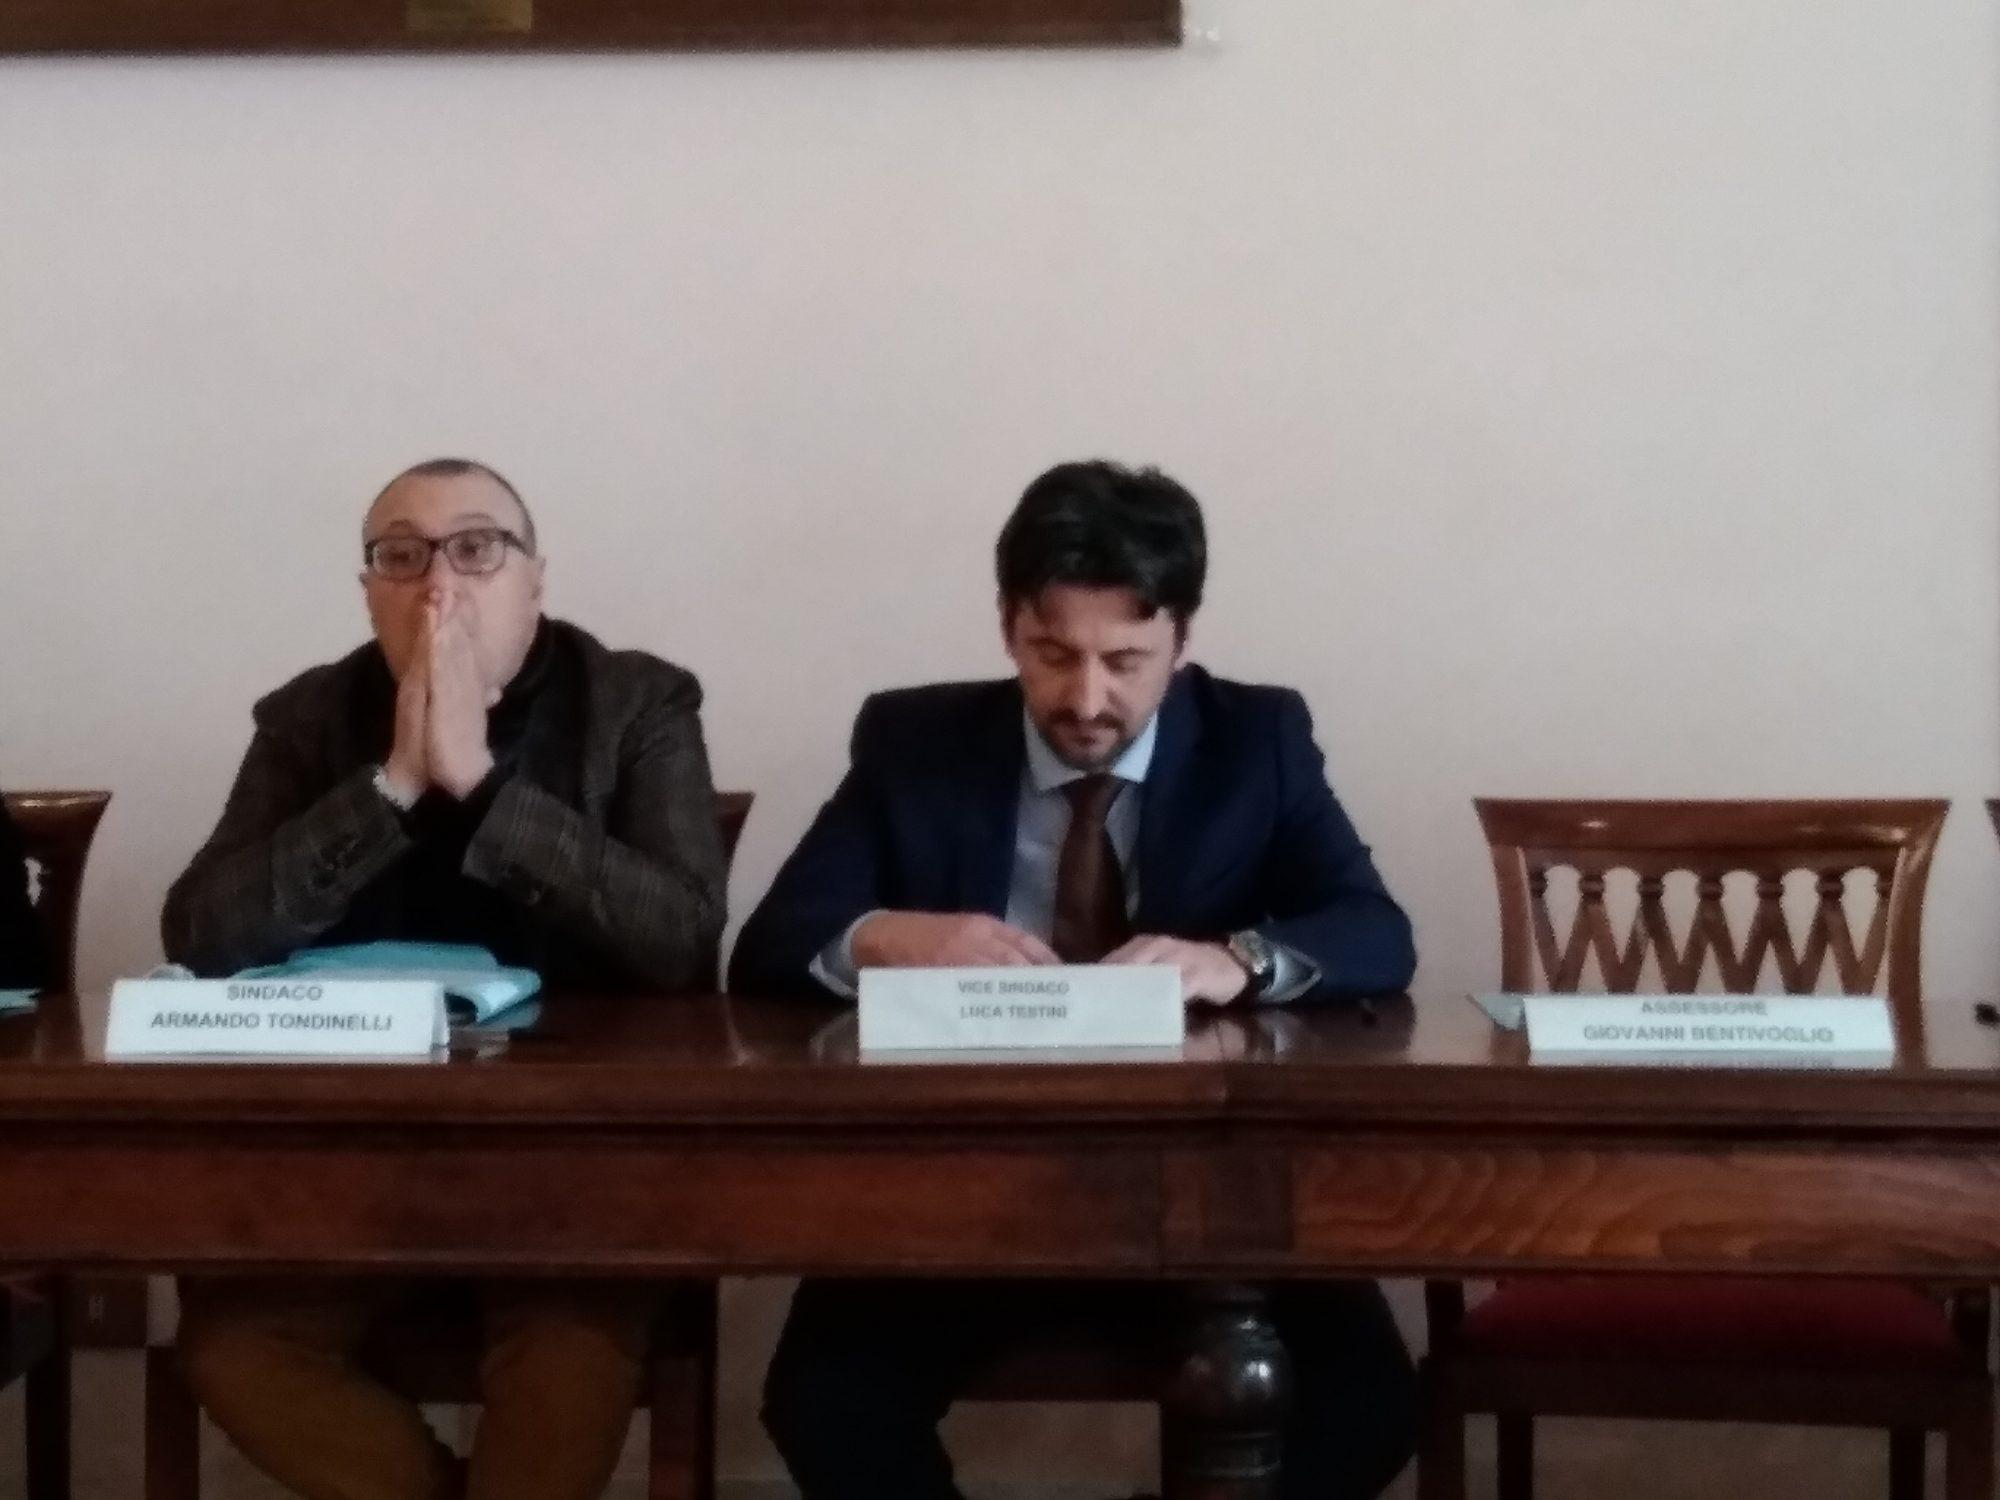 Bracciano Altro che Patto con Bracciano. Testini e Tondinelli compari già alla vigilia elettorale?